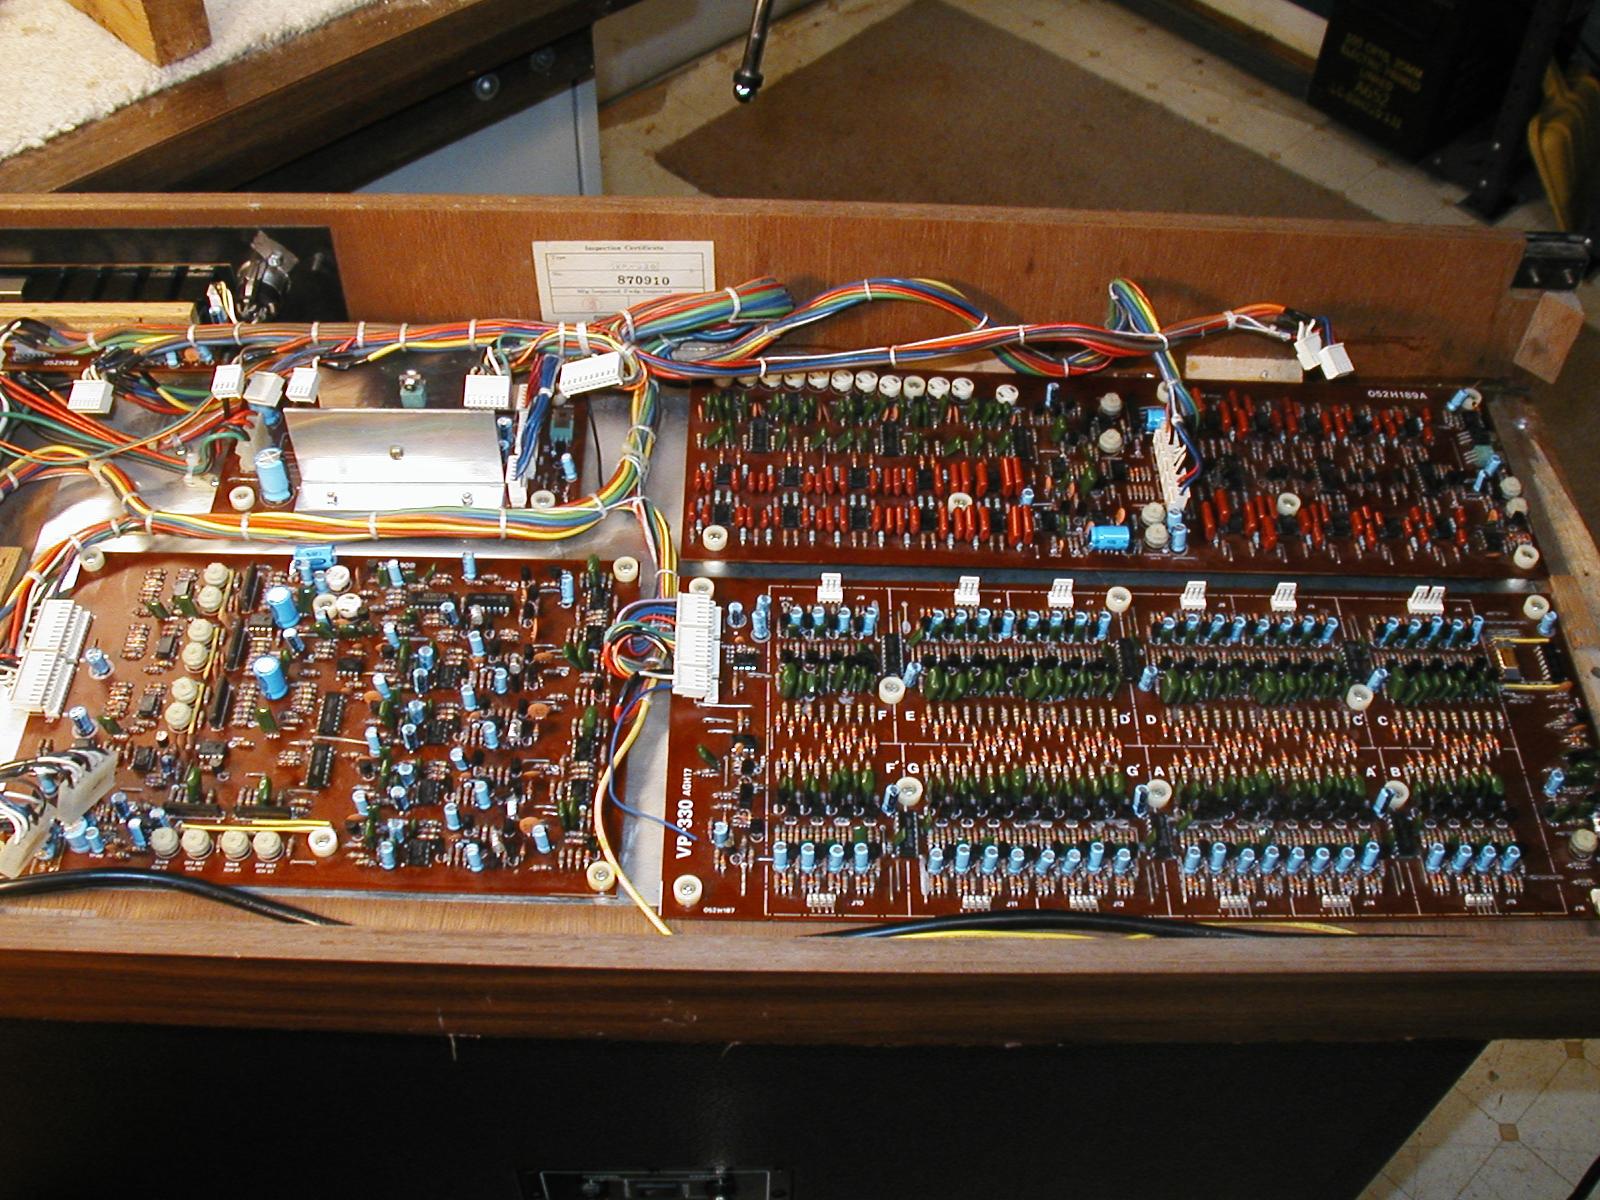 Roland Vp330 Vocoder Plus Obsoletetechnology